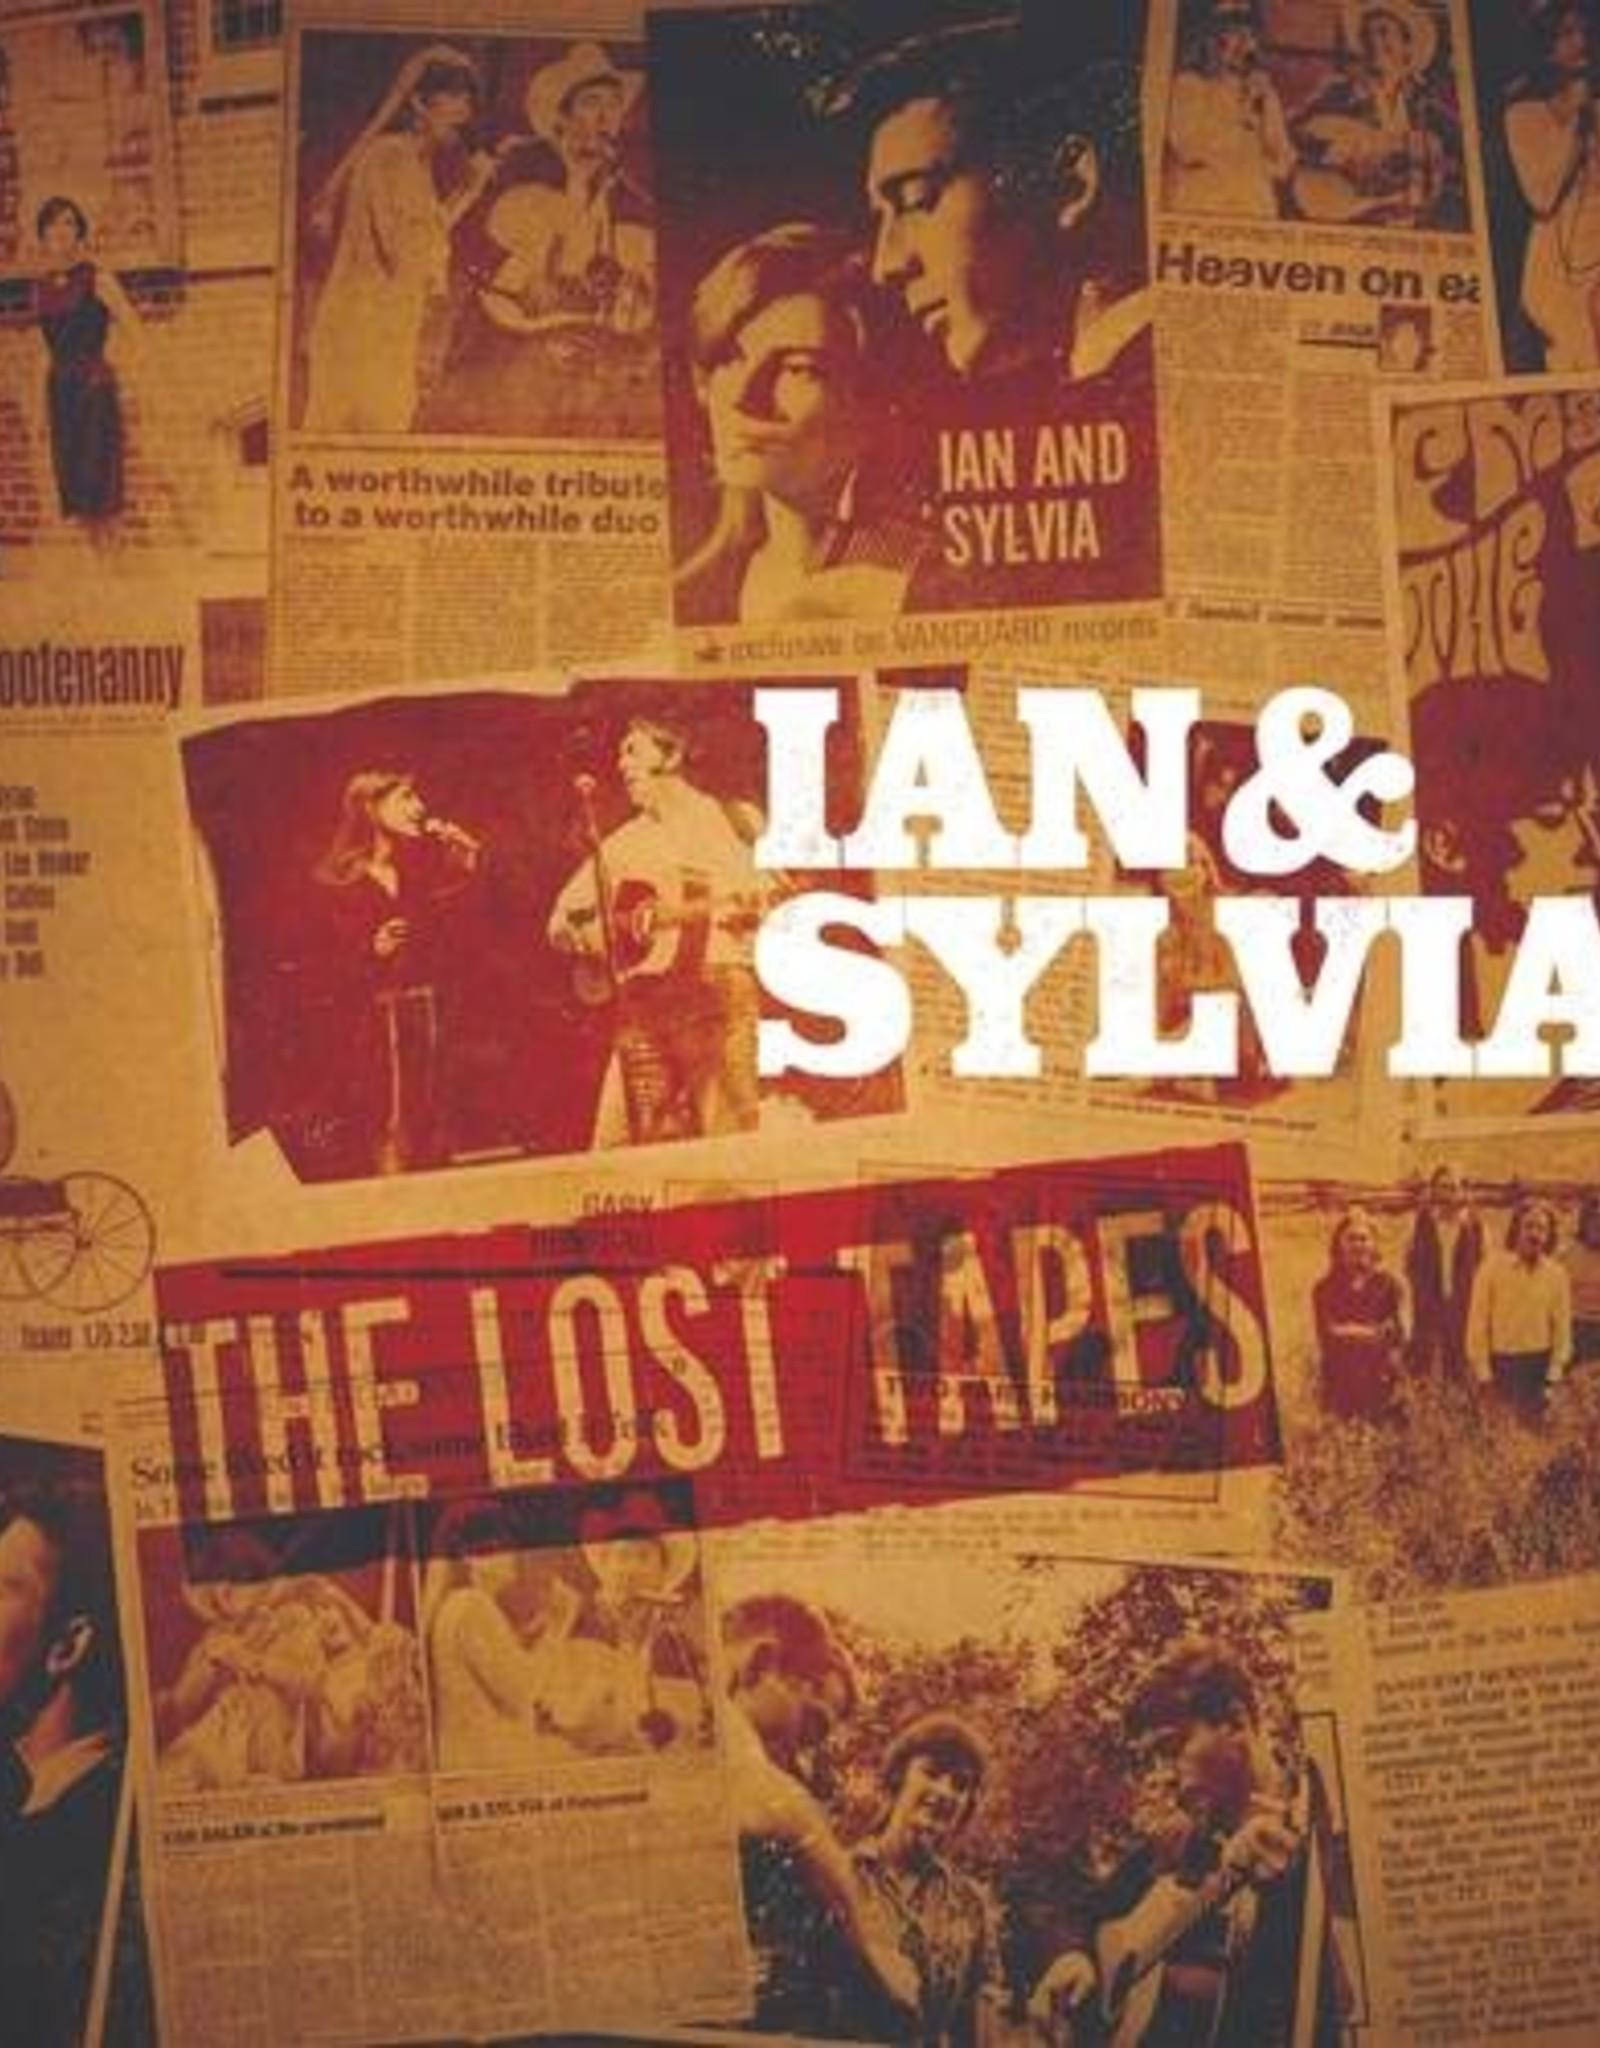 Ian & Sylvia Tyson - Lost Tapes (2Lp) (Rsd 2019)